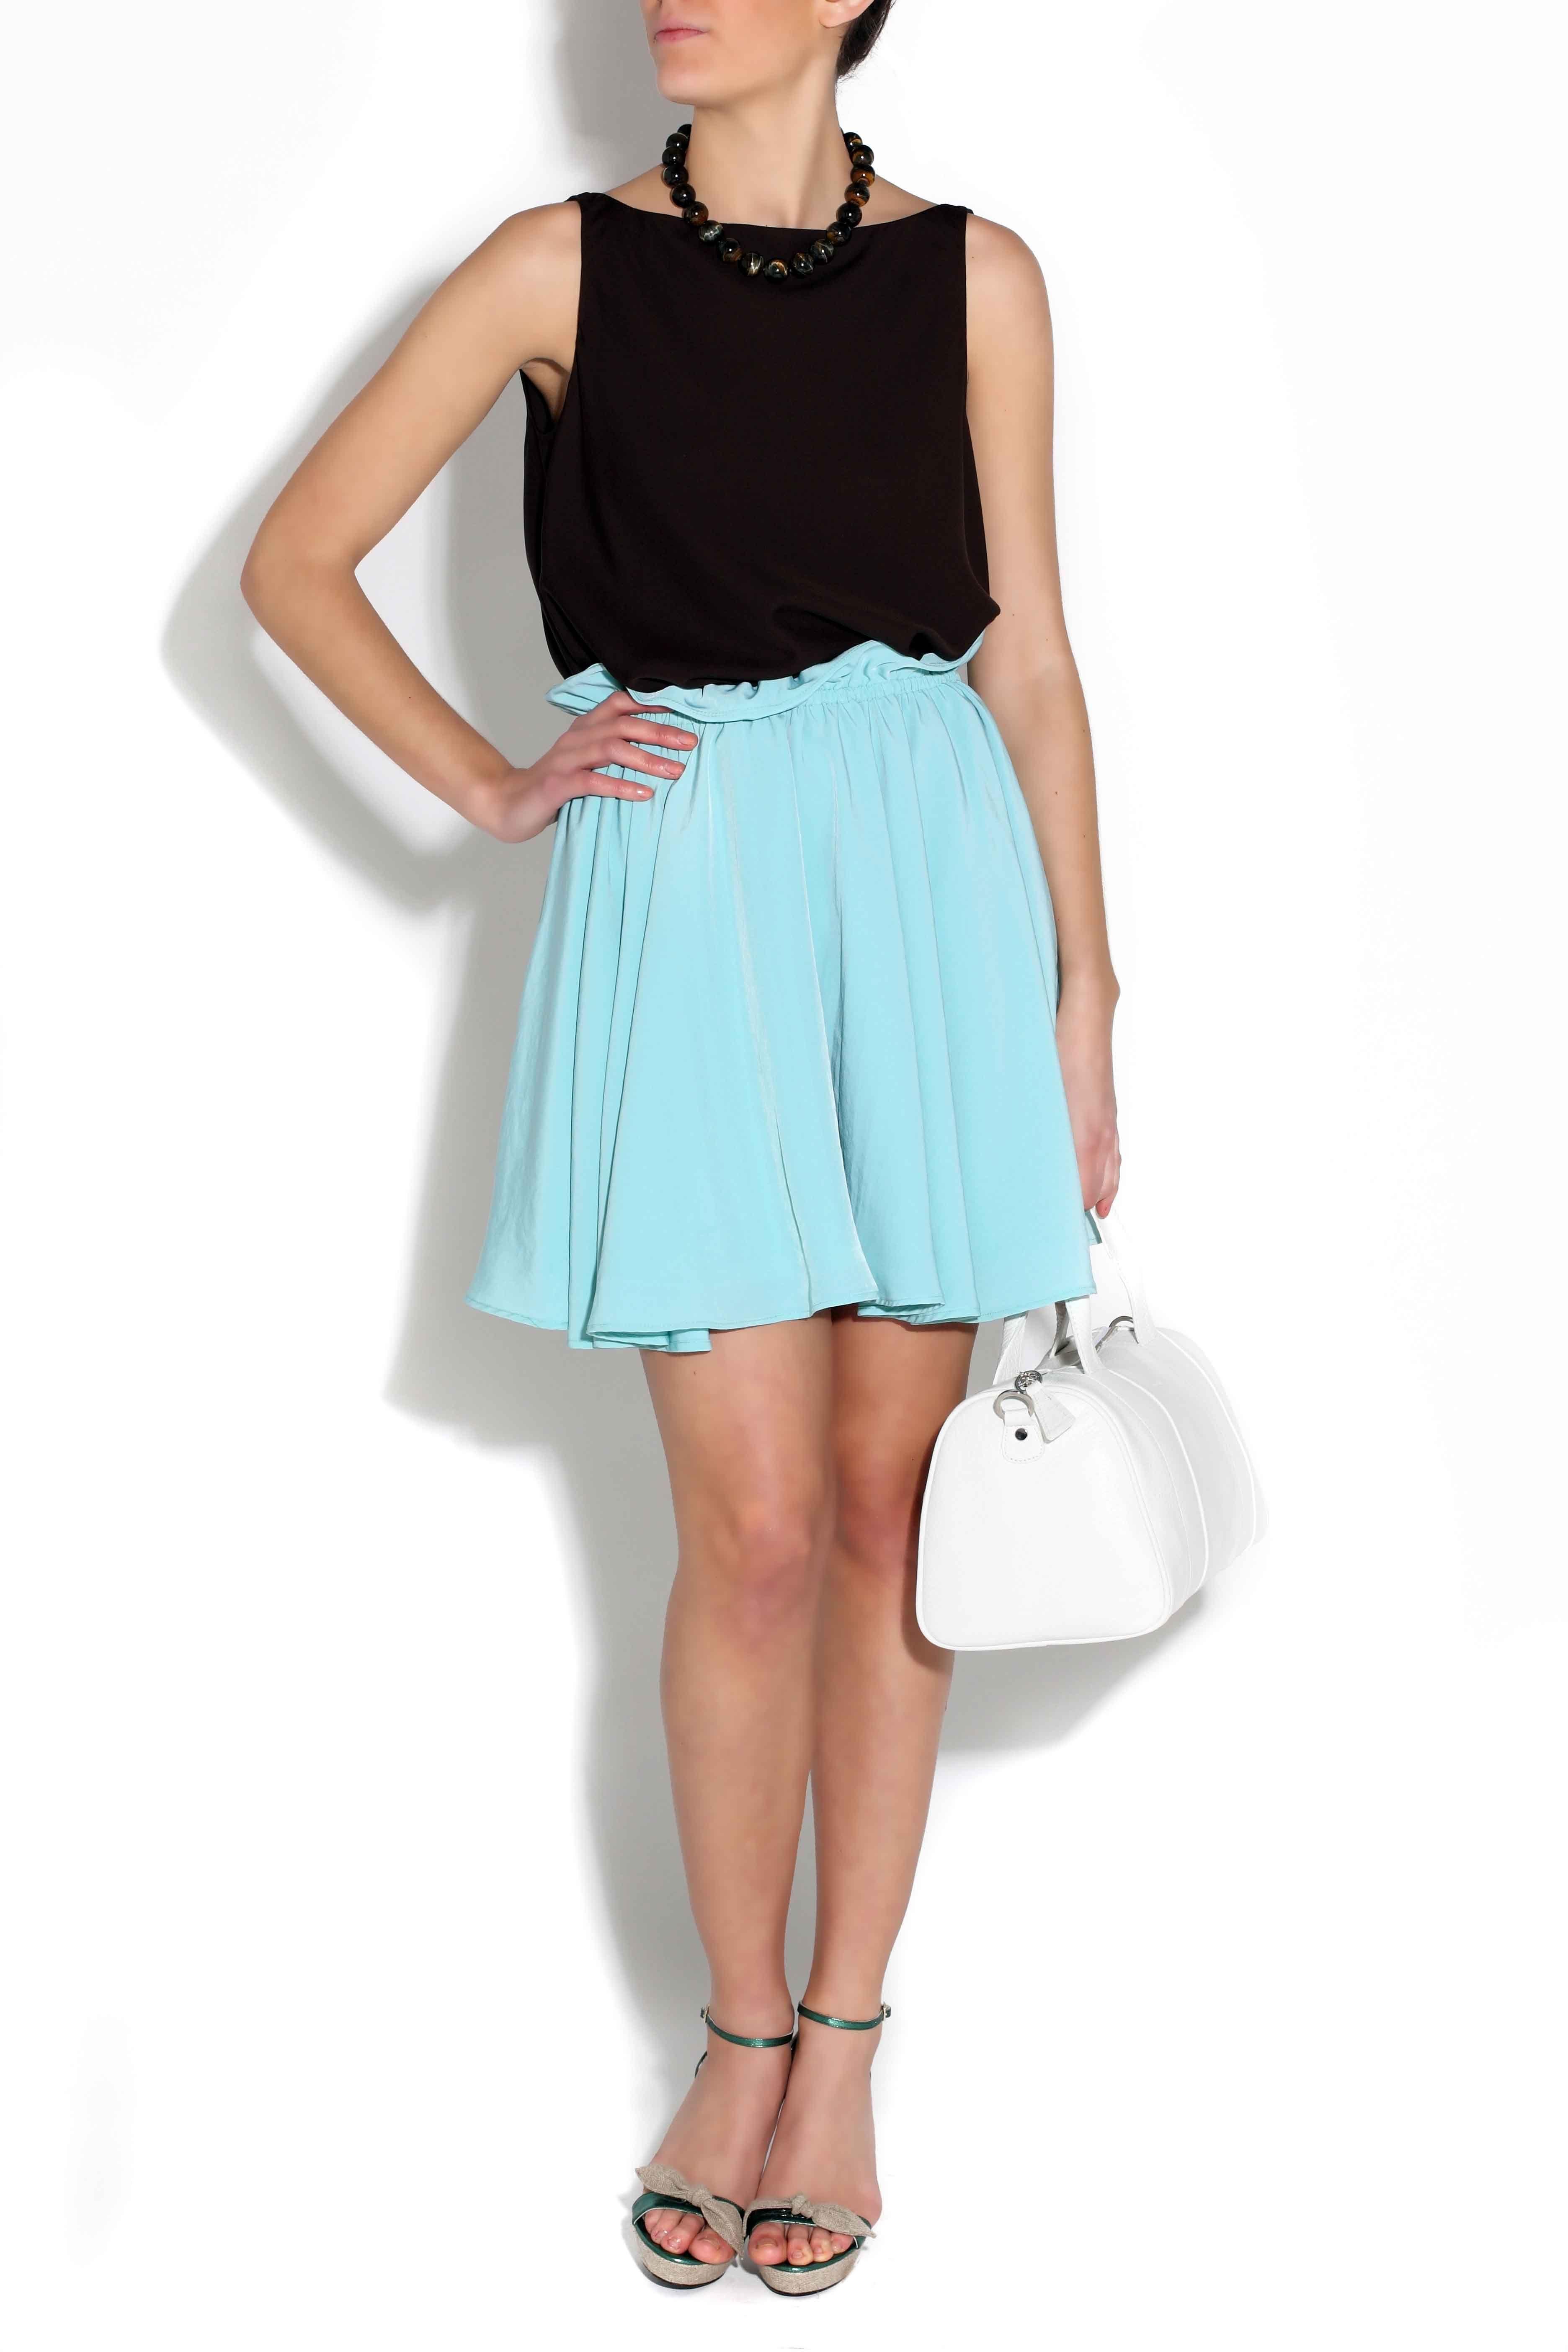 Falda doble de vuelo de Blossan, zapatos de Serena Whitehaven, top negro de seda de Ion Fiz y bolso de Marga Prado